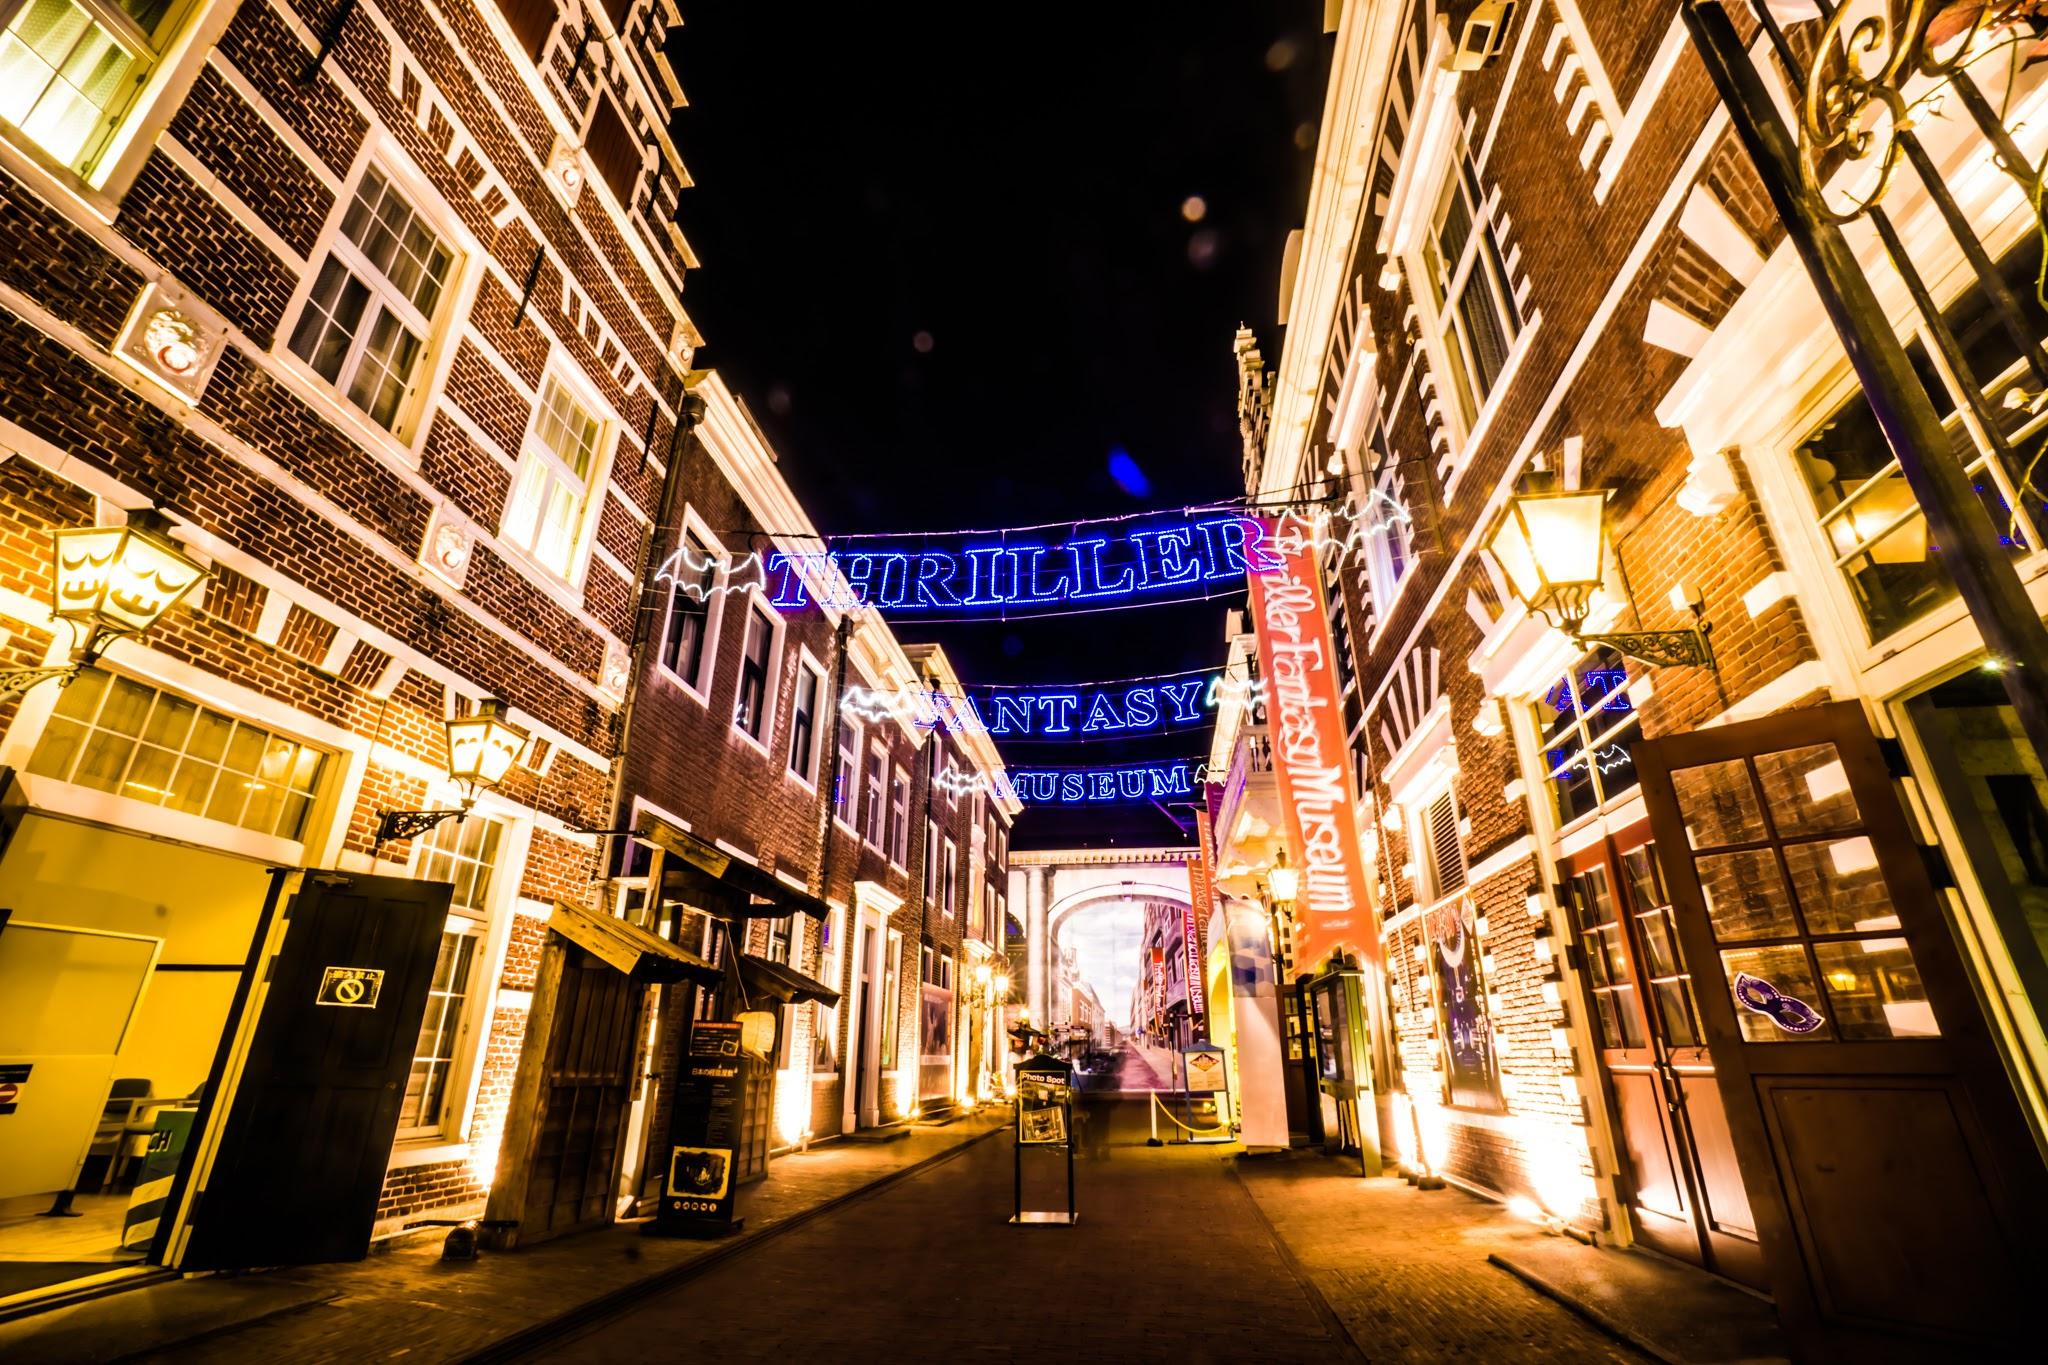 Huis Ten Bosch illumination Kingdom of light Thriller city1